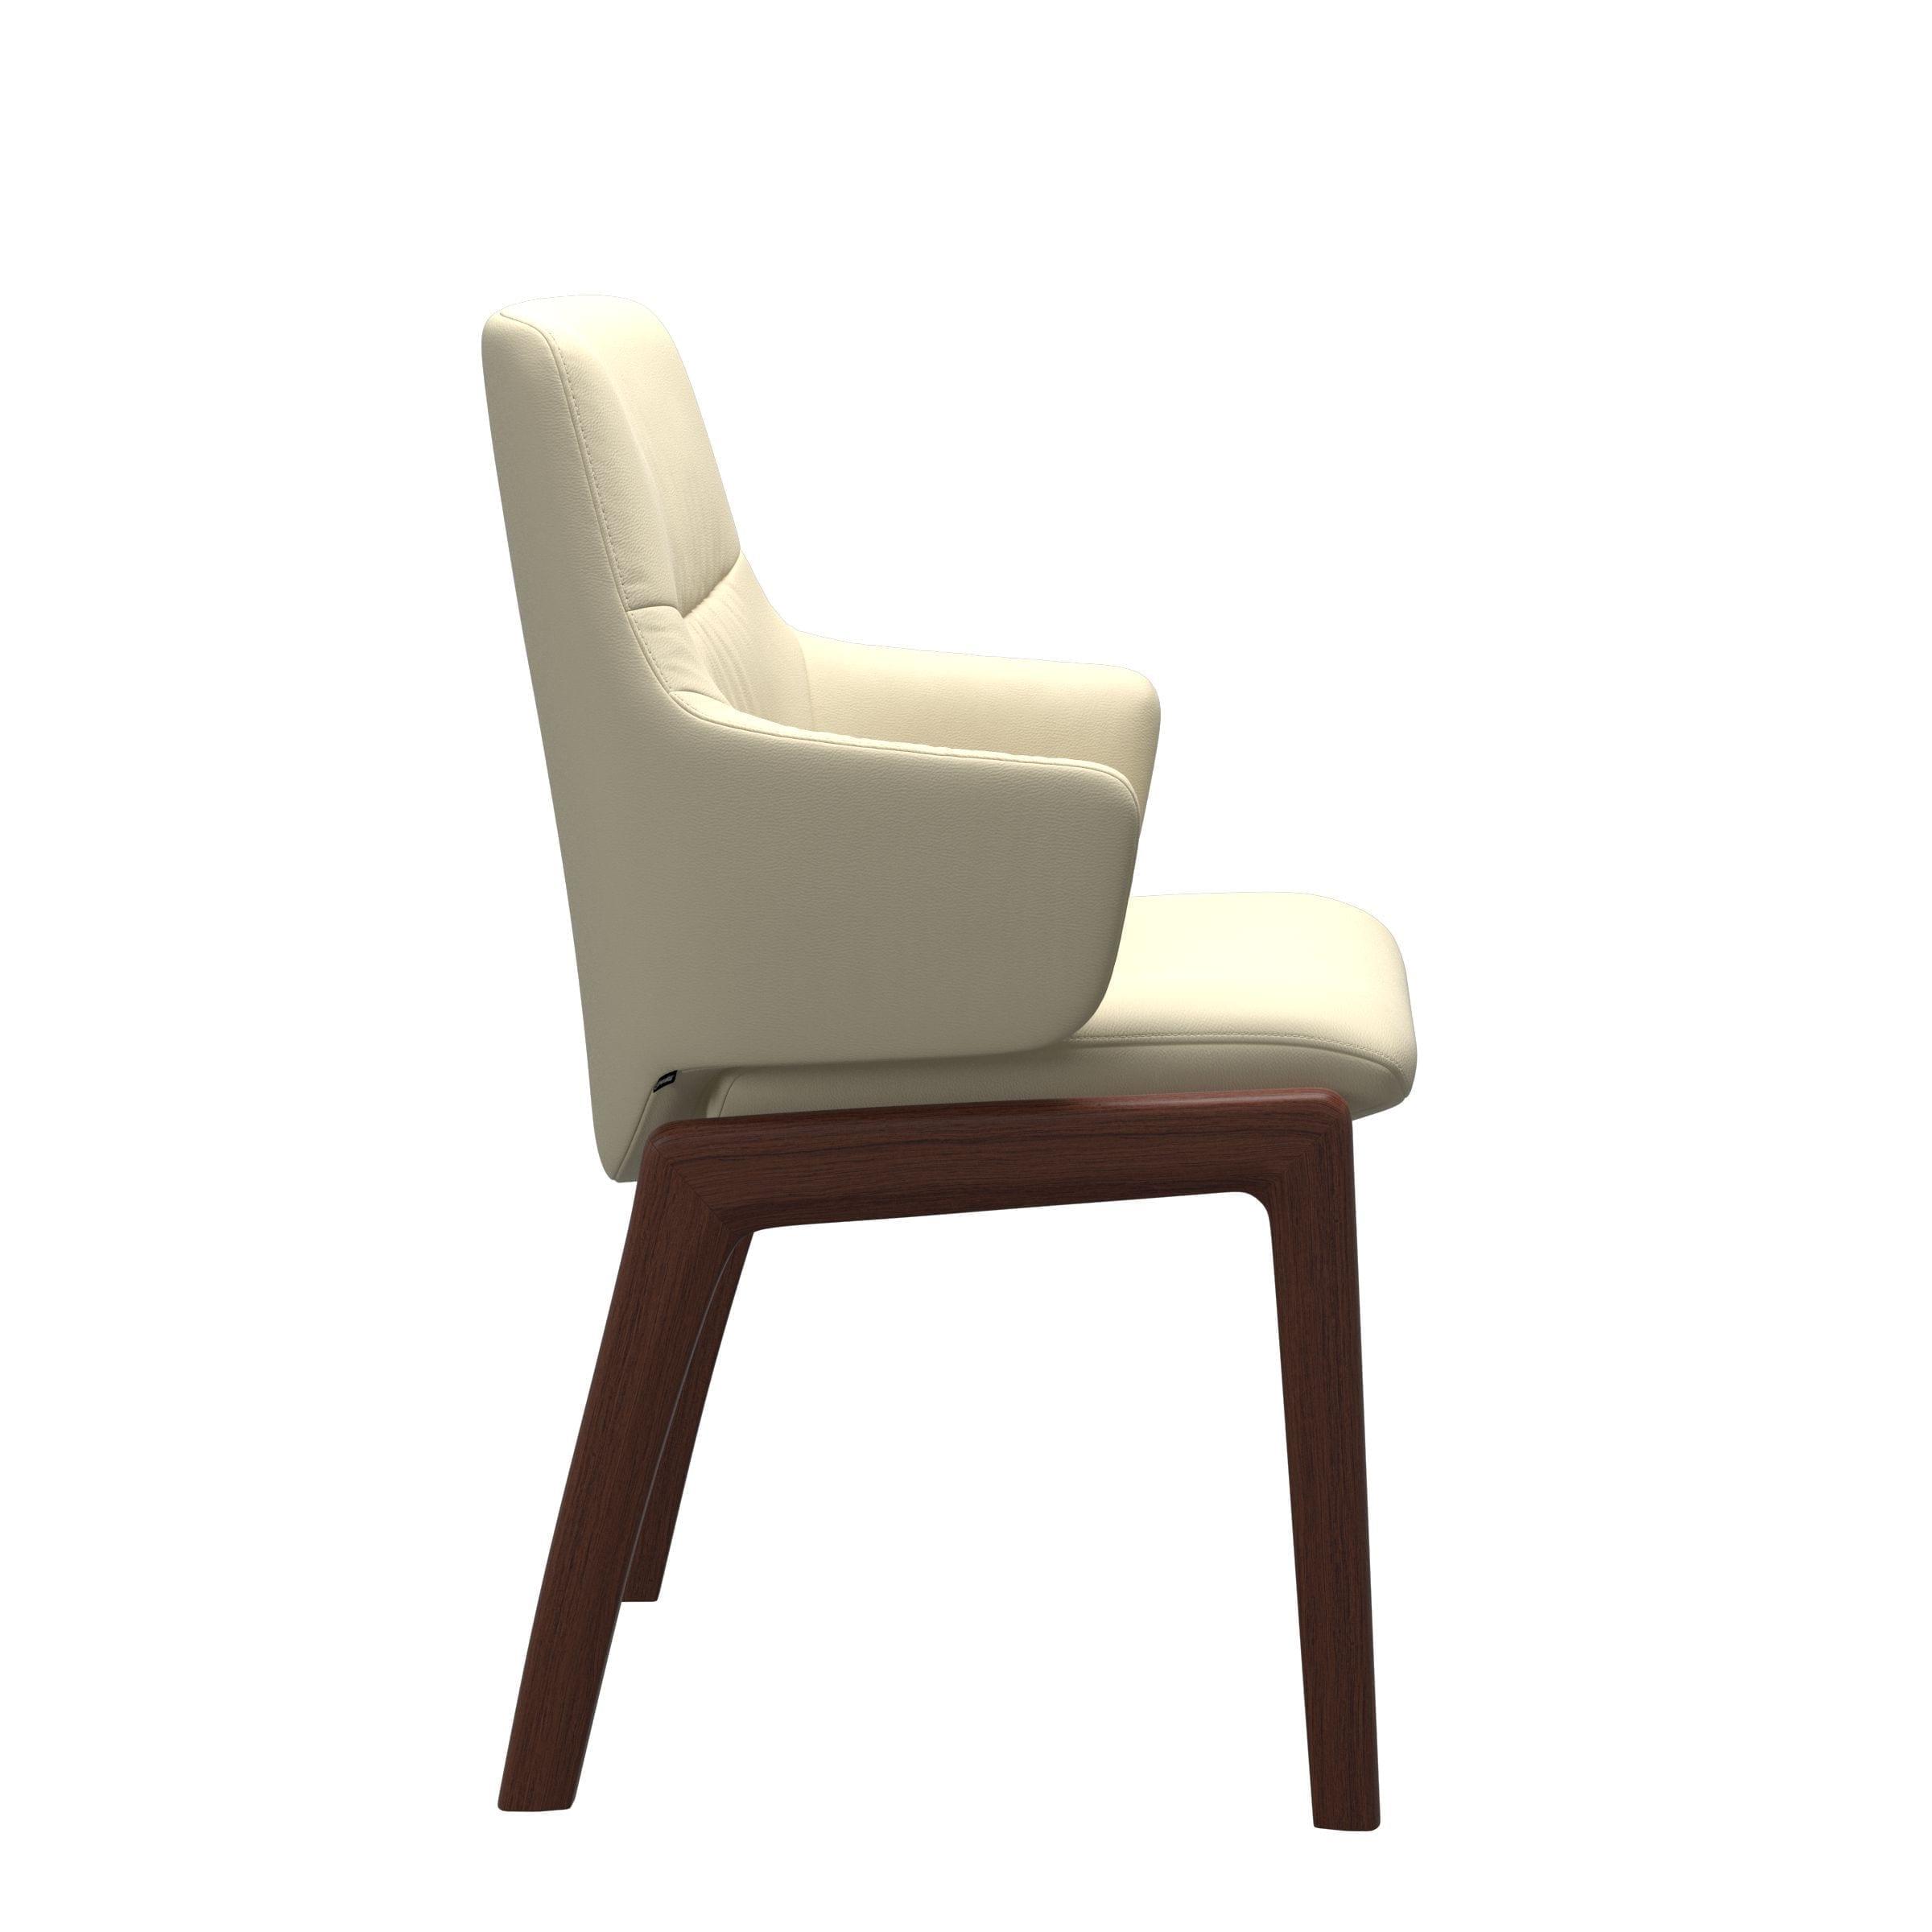 Min Low Back D100 Arm Chair 2